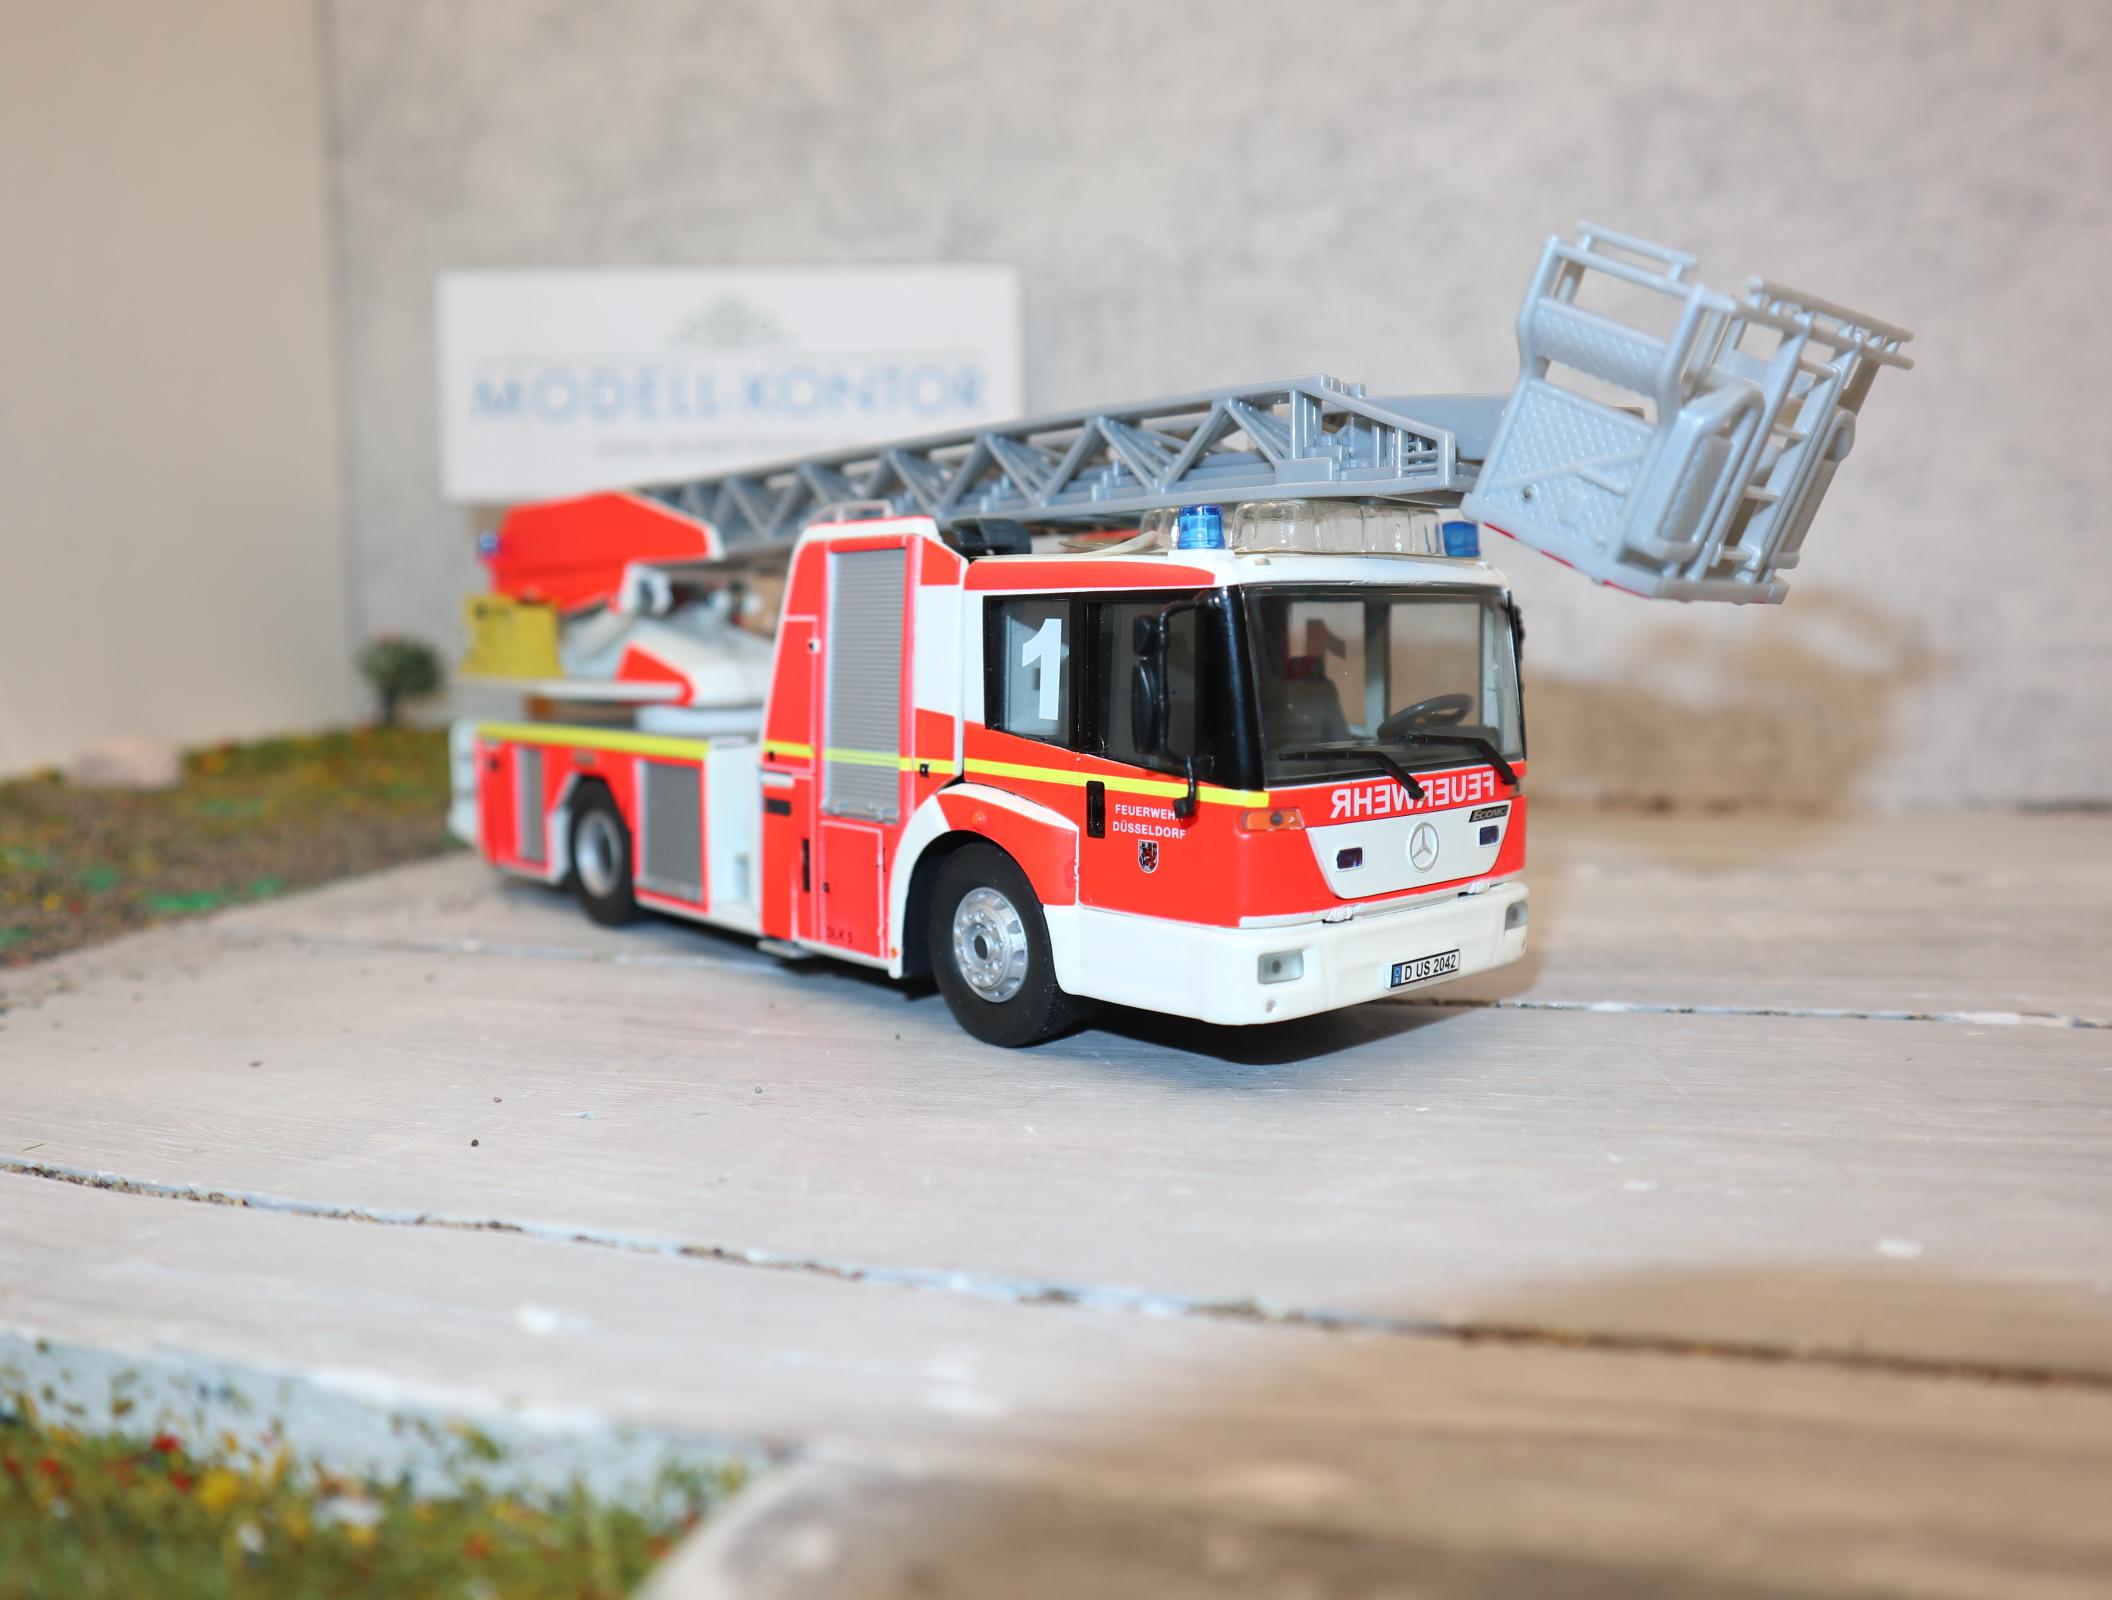 Wiking 1:43 043102 7333 Feuerwehr - Drehleiter L32 Metz auf MB Econic, NEU in OVP